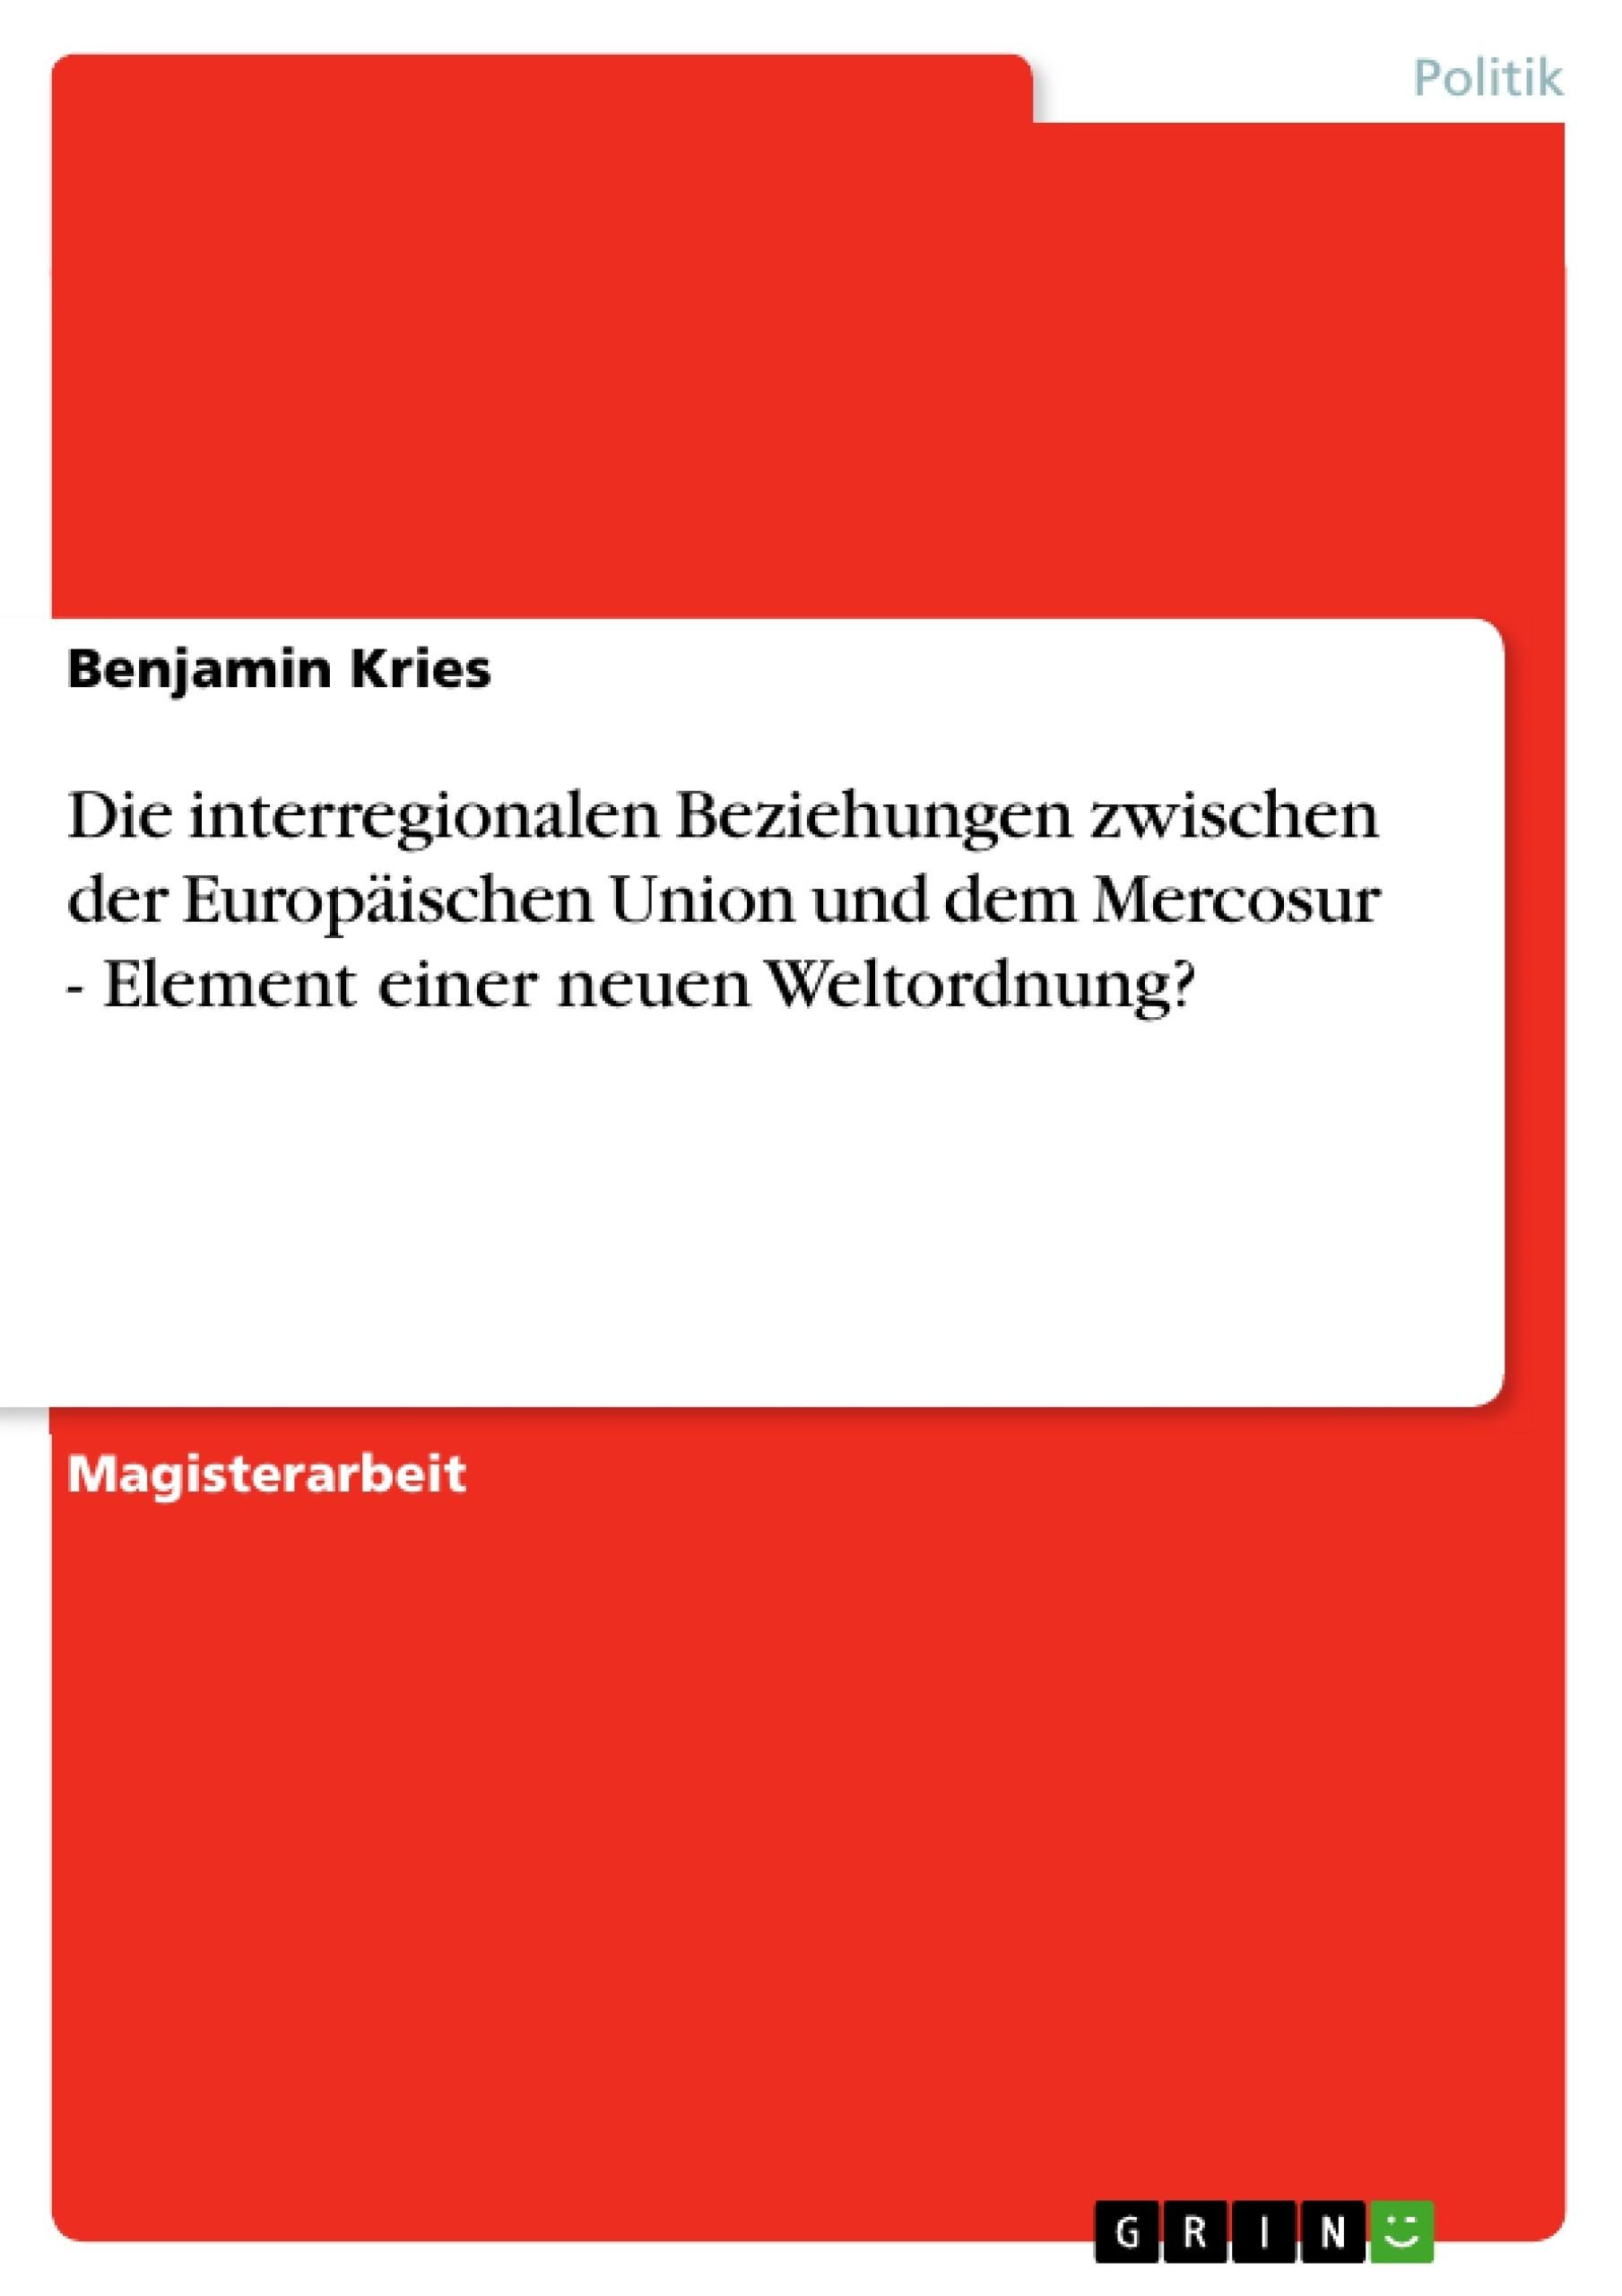 Titel: Die interregionalen Beziehungen zwischen der Europäischen Union und dem Mercosur - Element einer neuen Weltordnung?